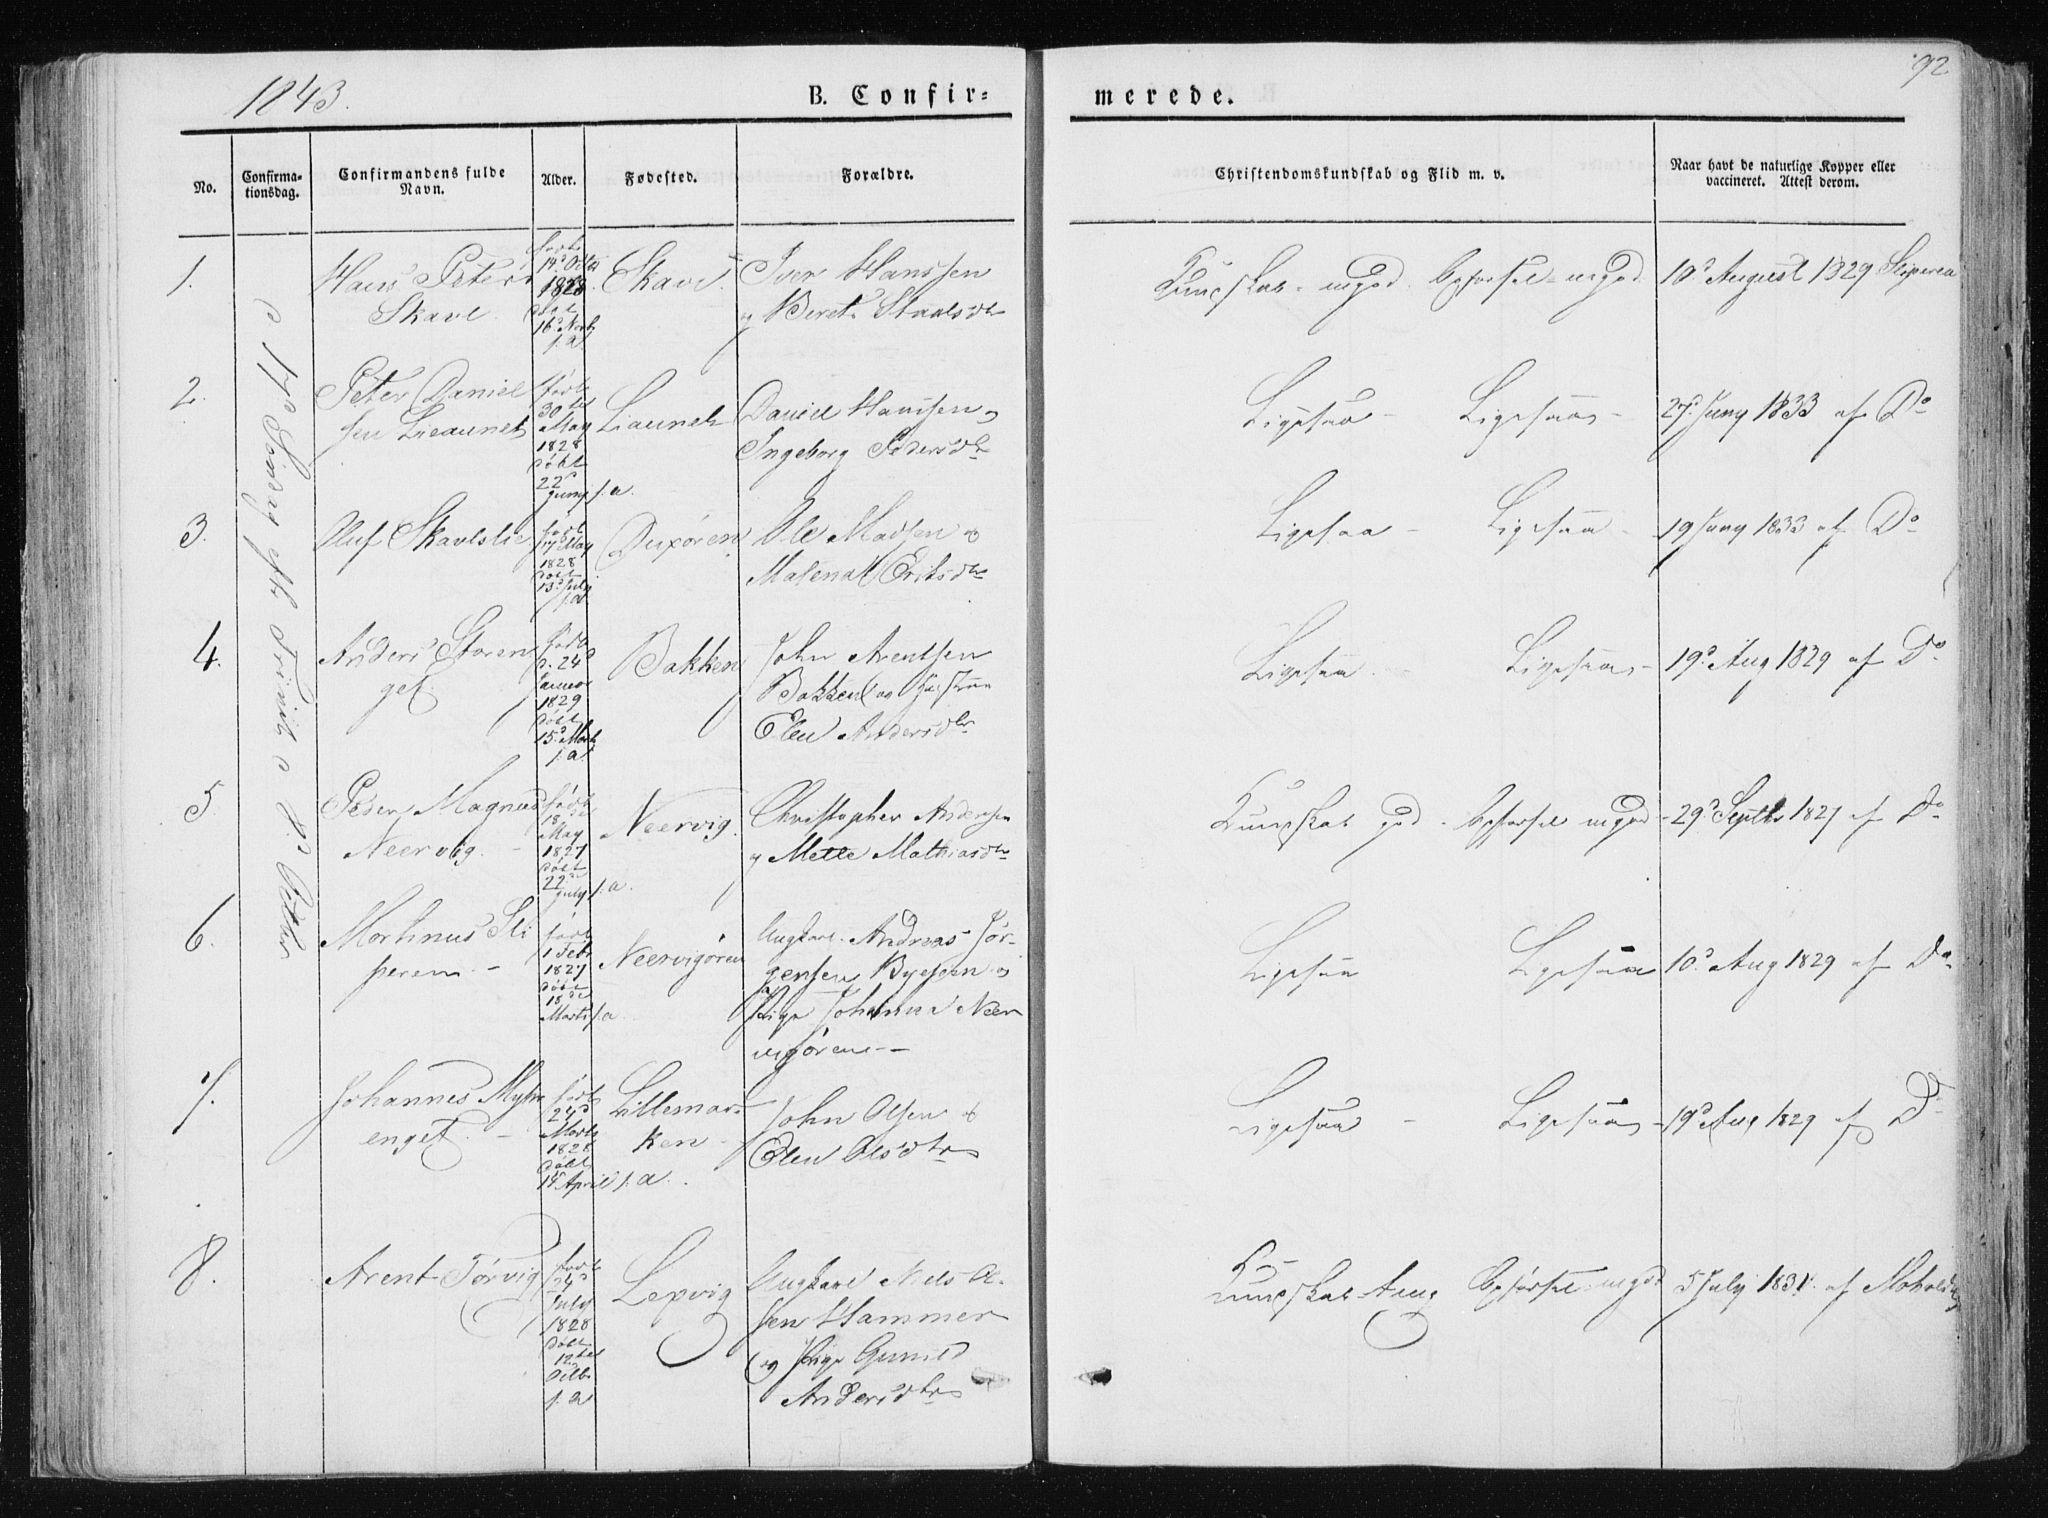 SAT, Ministerialprotokoller, klokkerbøker og fødselsregistre - Nord-Trøndelag, 733/L0323: Ministerialbok nr. 733A02, 1843-1870, s. 92